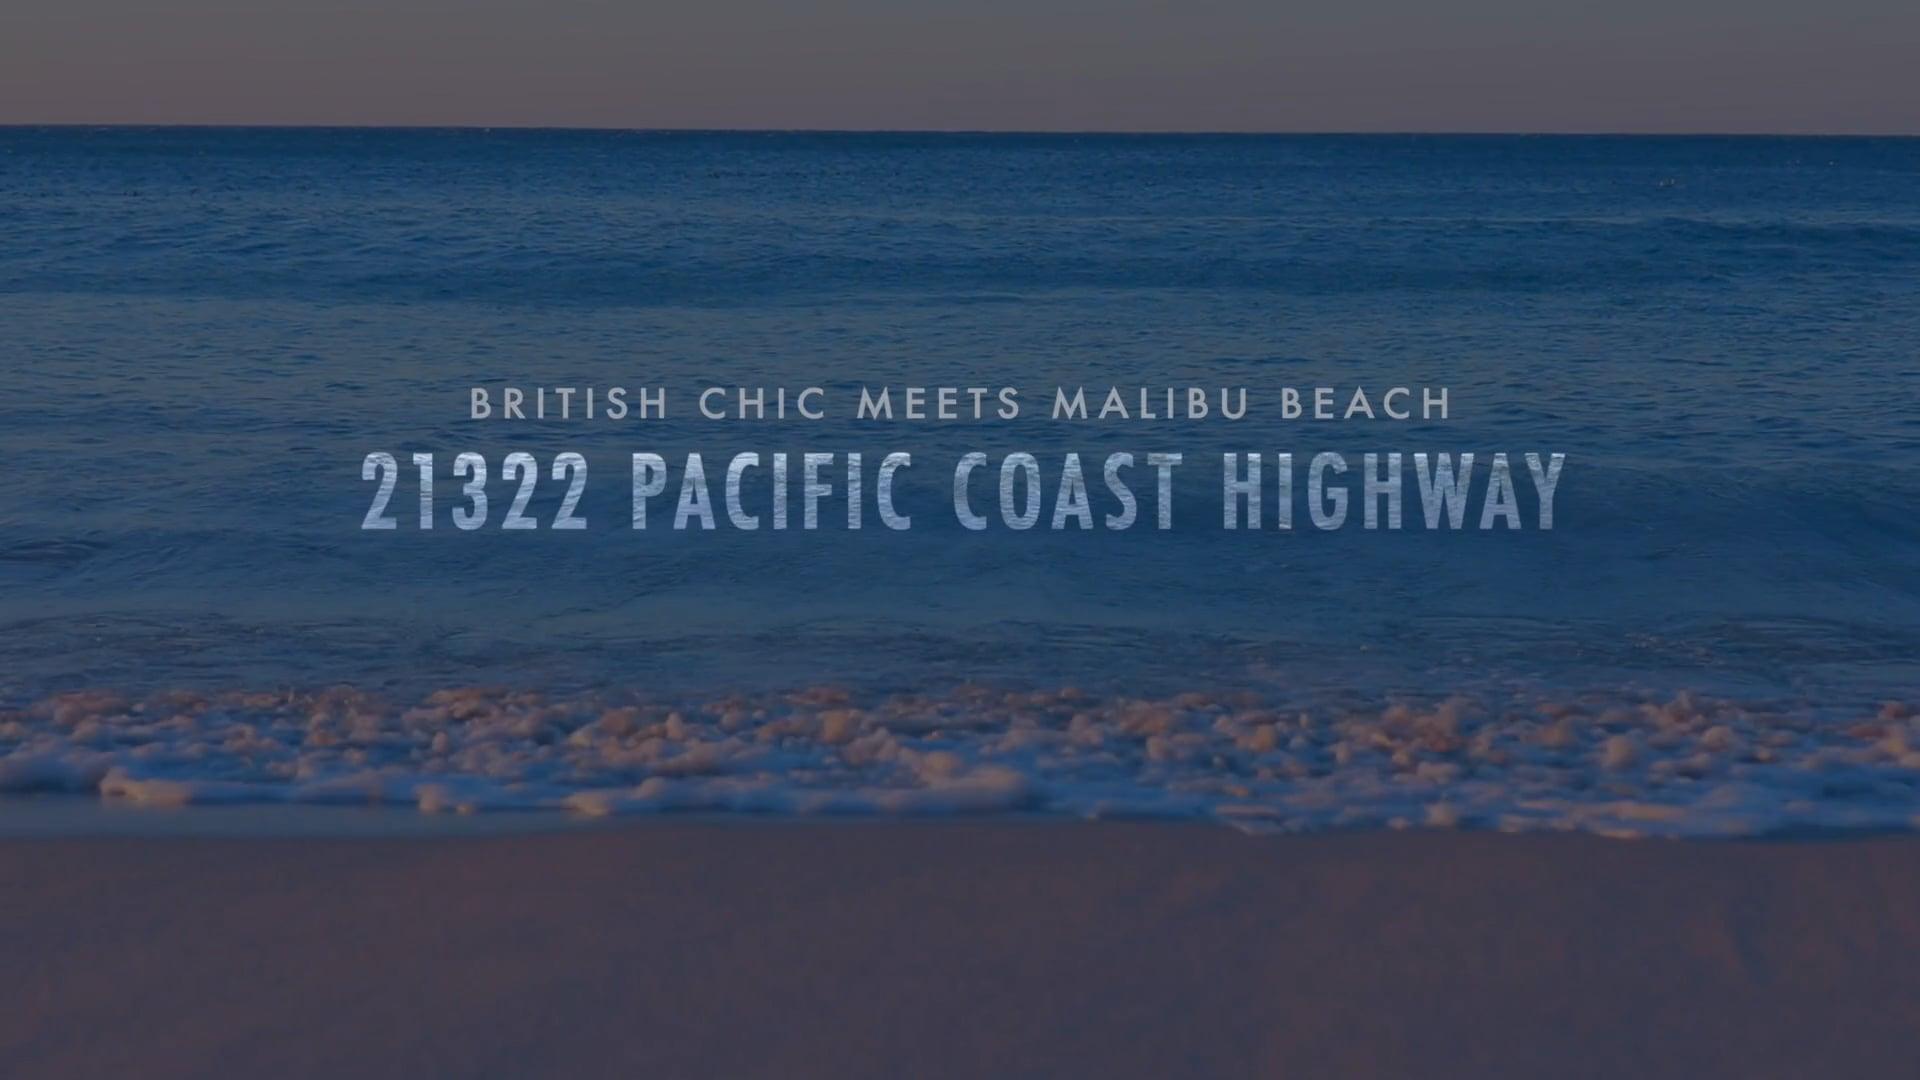 British Chic Meets Malibu Beach